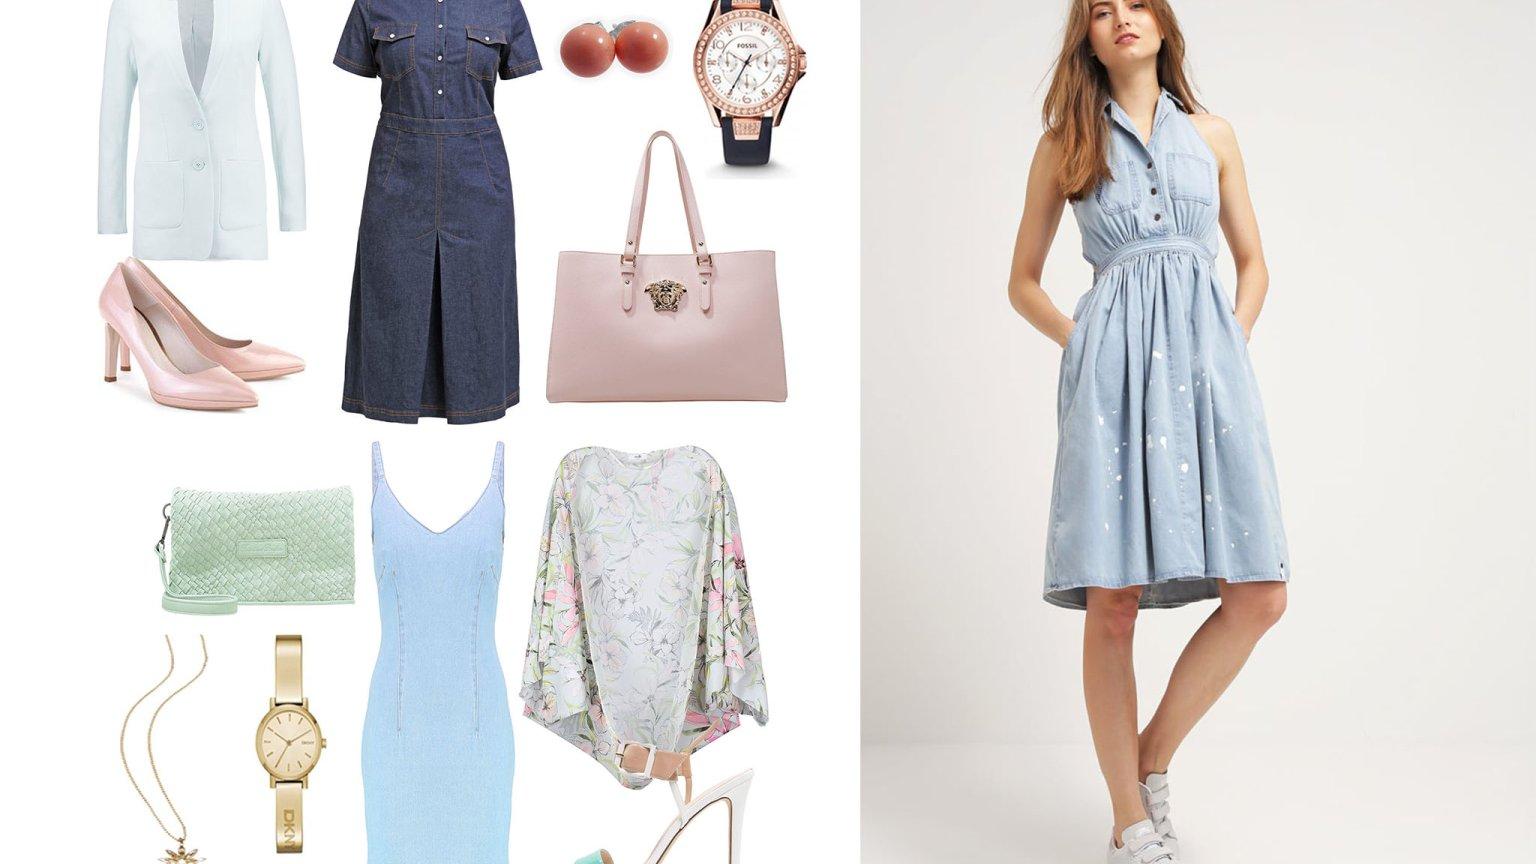 d25954db54 Jeansowe sukienki na różne sylwetki - trend dla każdego